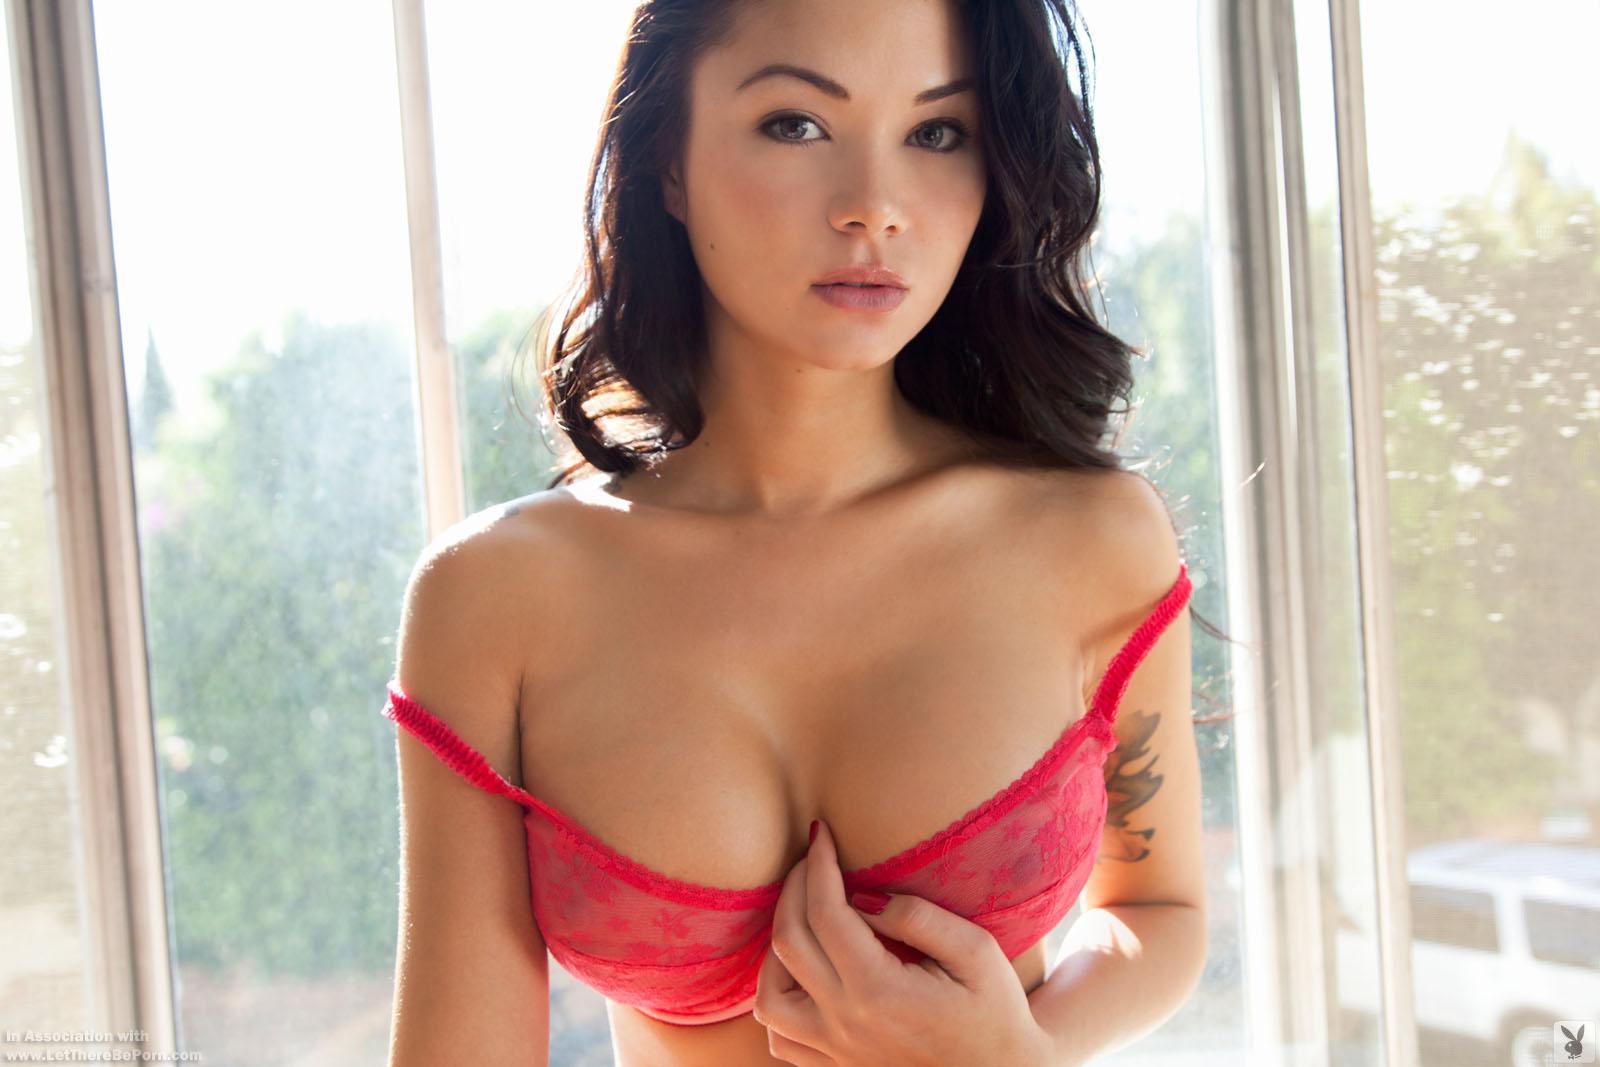 Zdjęcie porno - jennie reid   playboy plus original 000 - Brunetka z sylikonowymi cycami